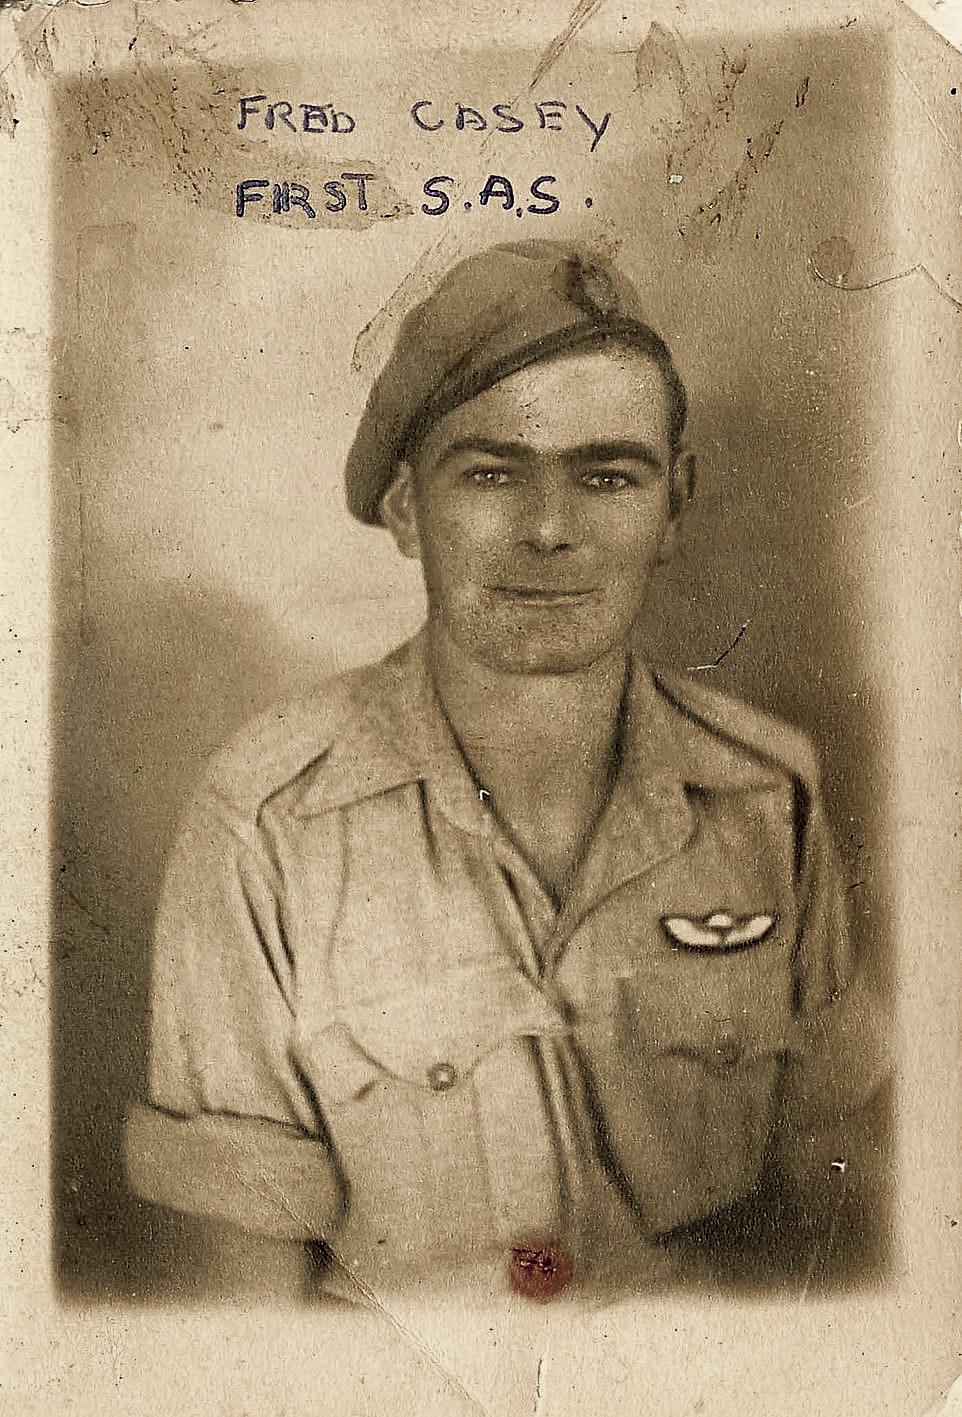 Studio portrait of Frederick Casey 1 SAS.